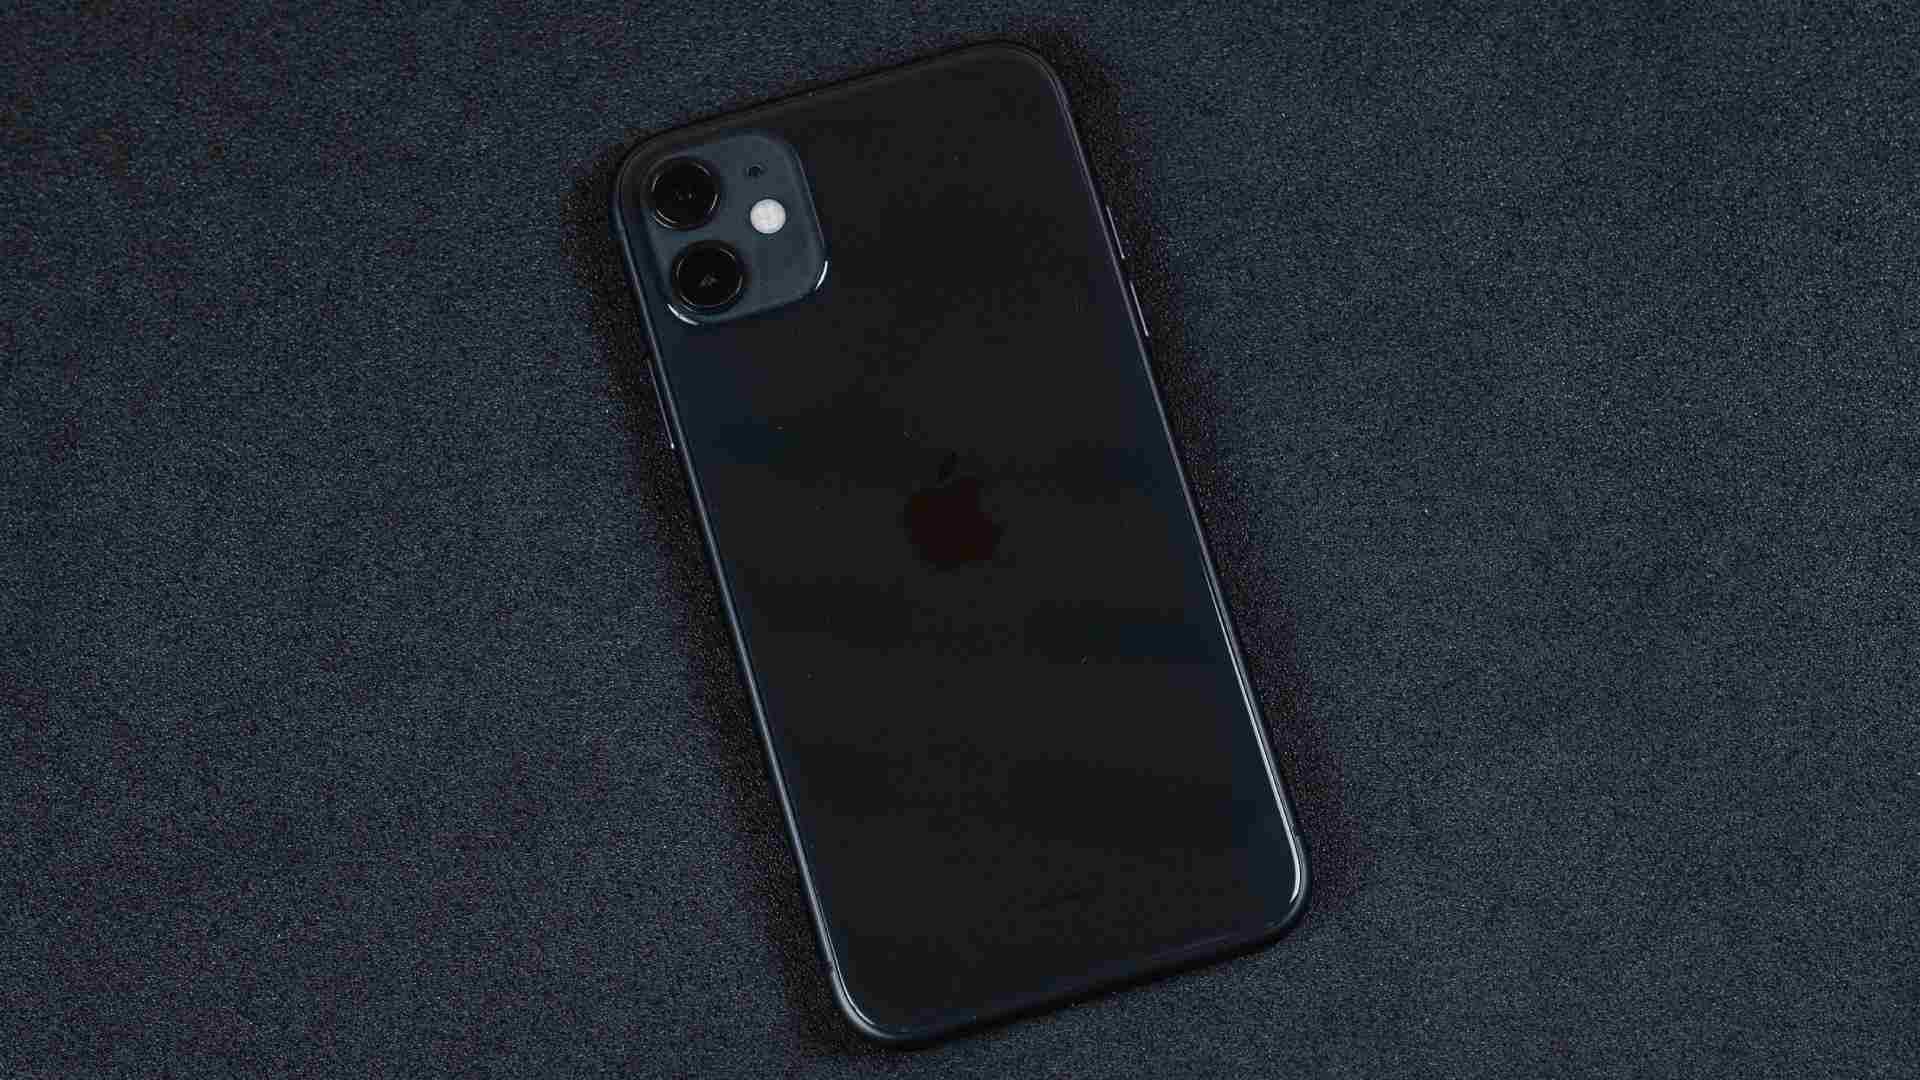 Traseira do iPhone 11 preto em um fundo preto